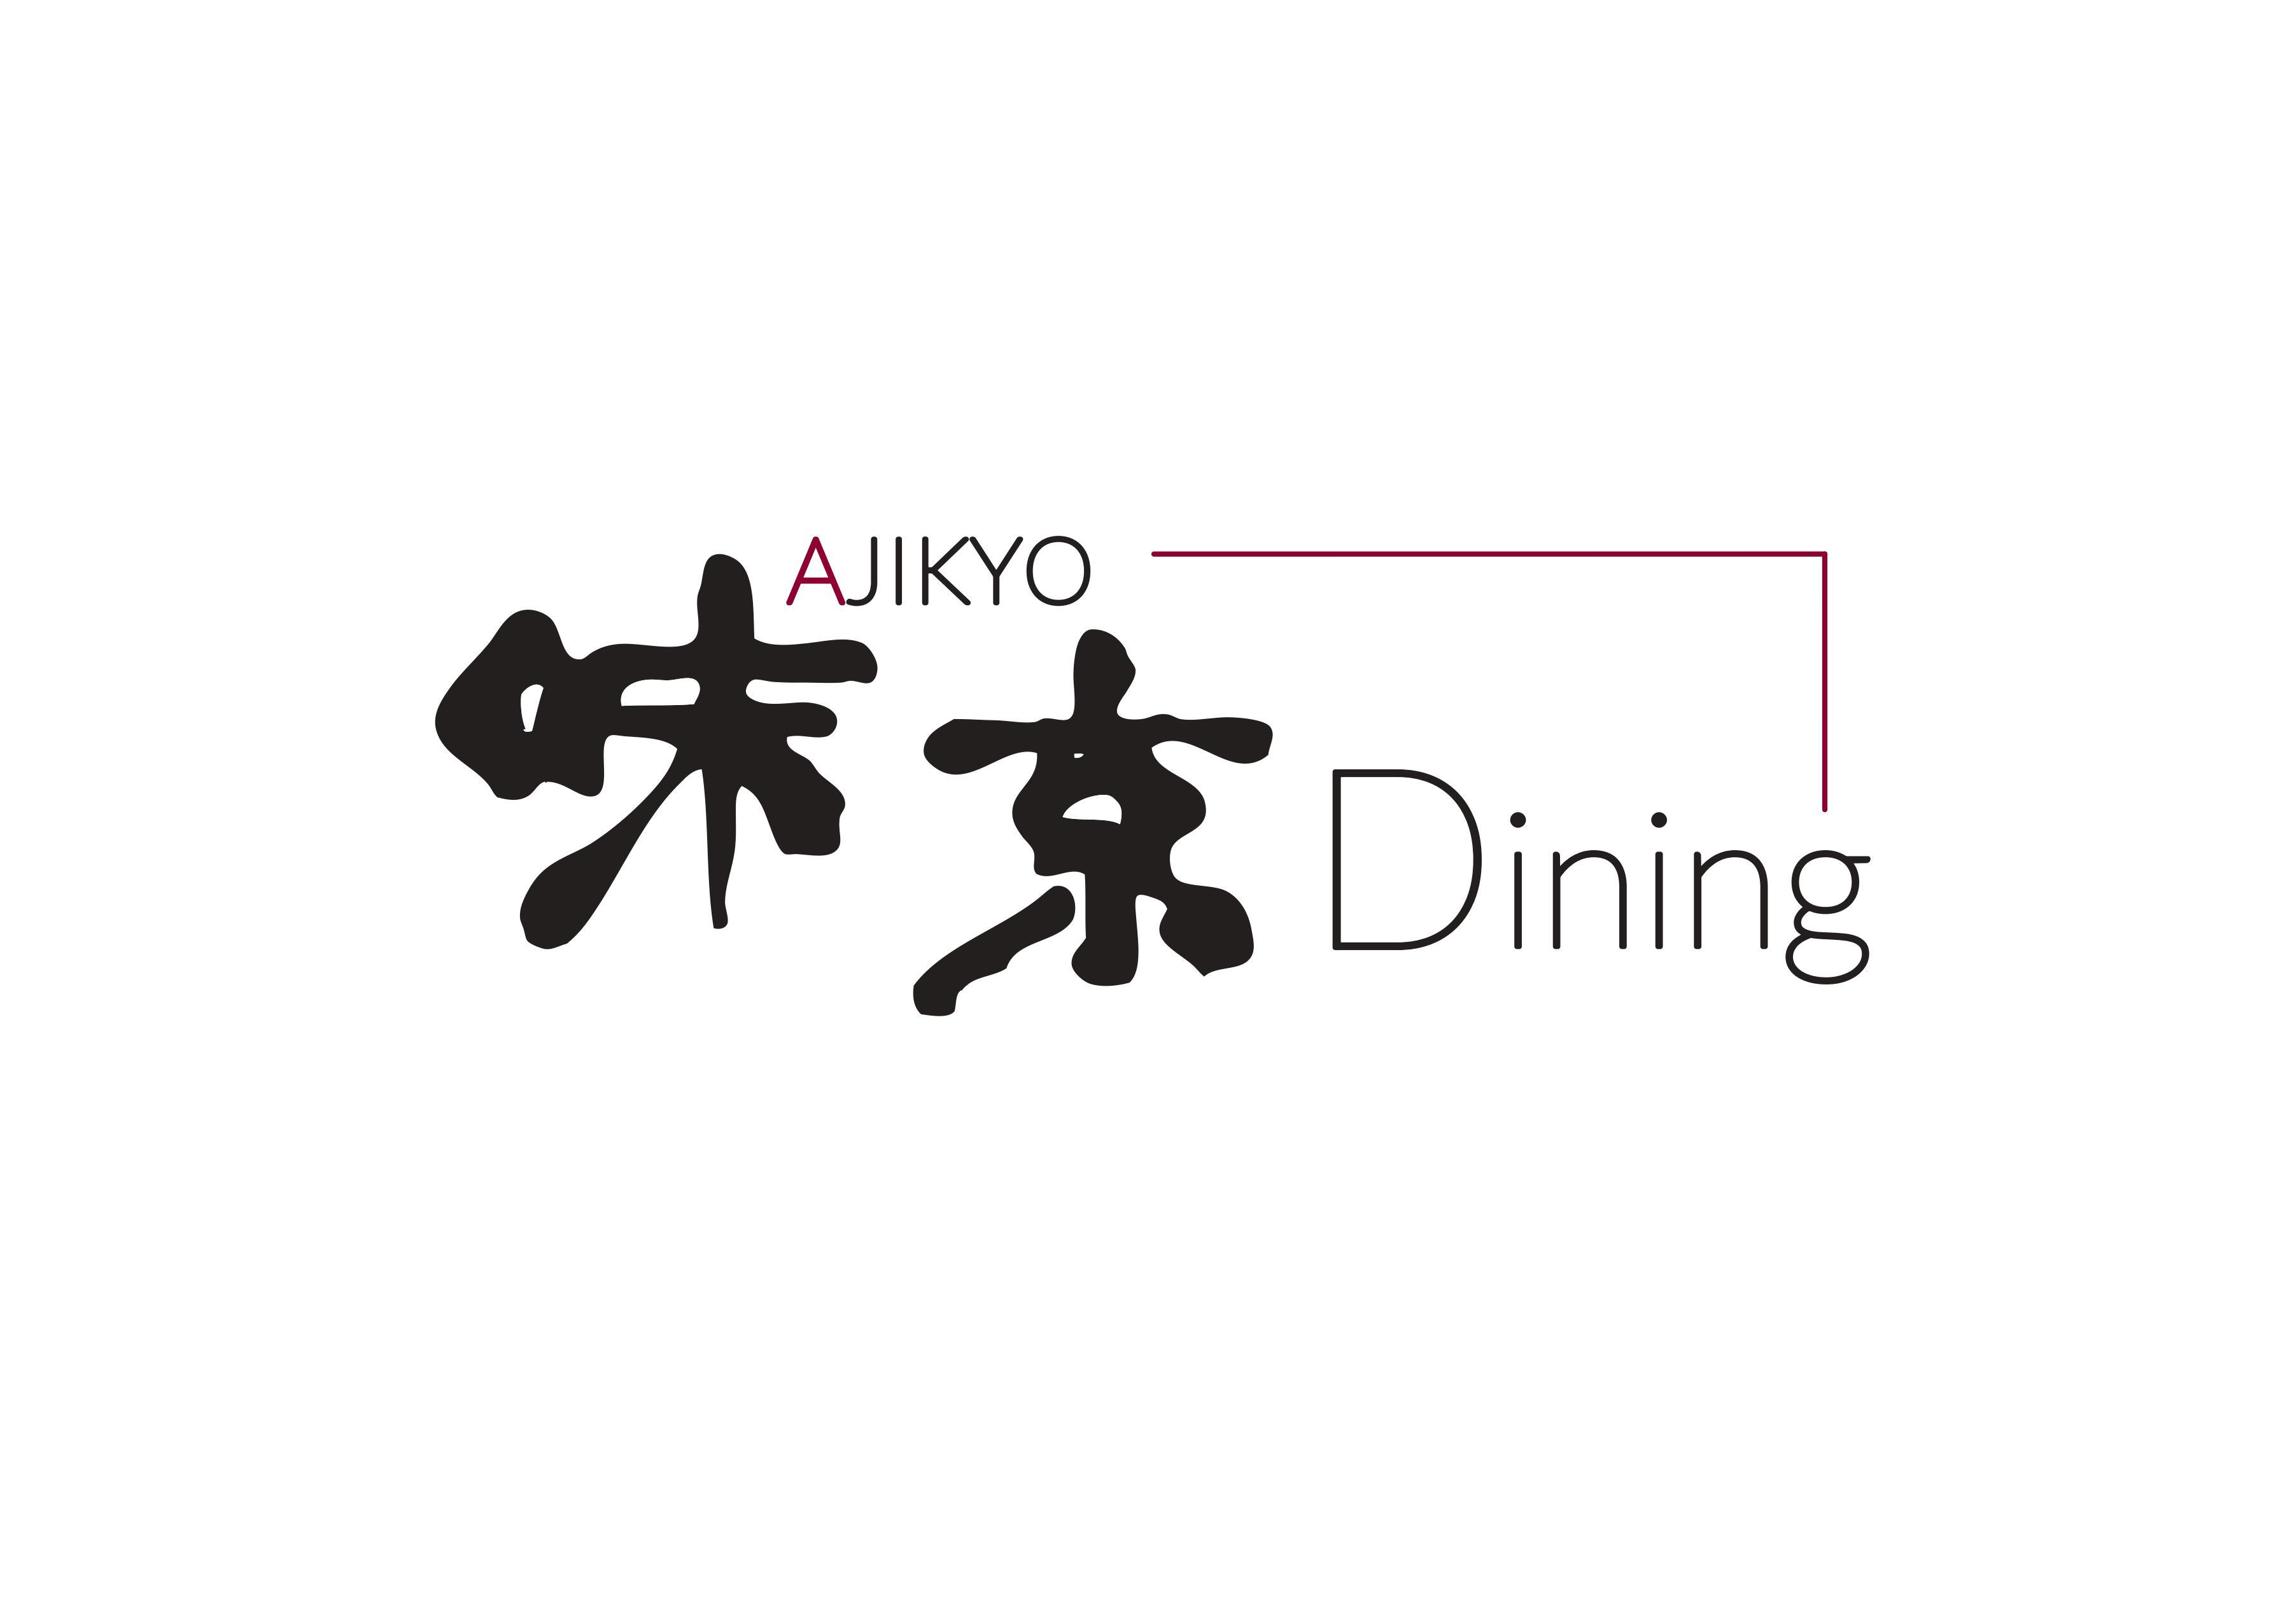 味京Dining<br>*喫煙不可